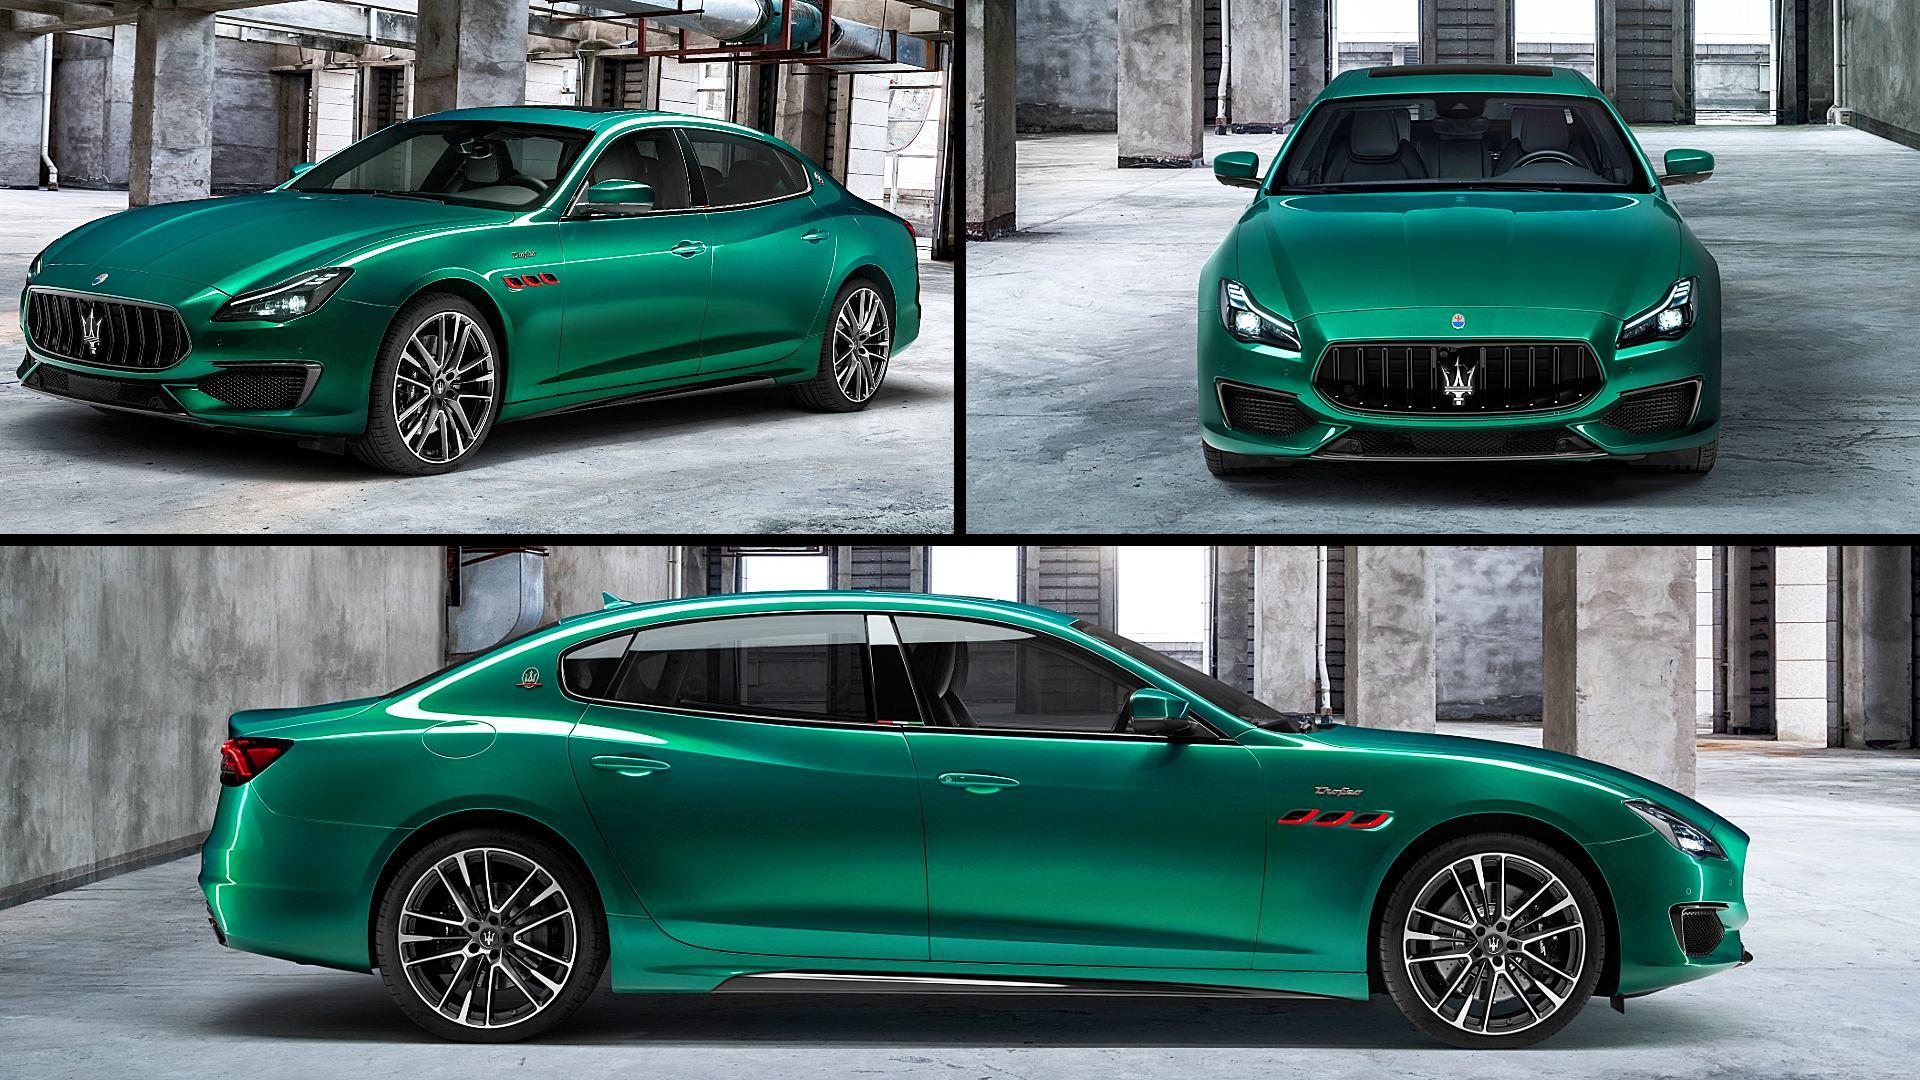 2021 Maserati Quattroporte Trofeo Images